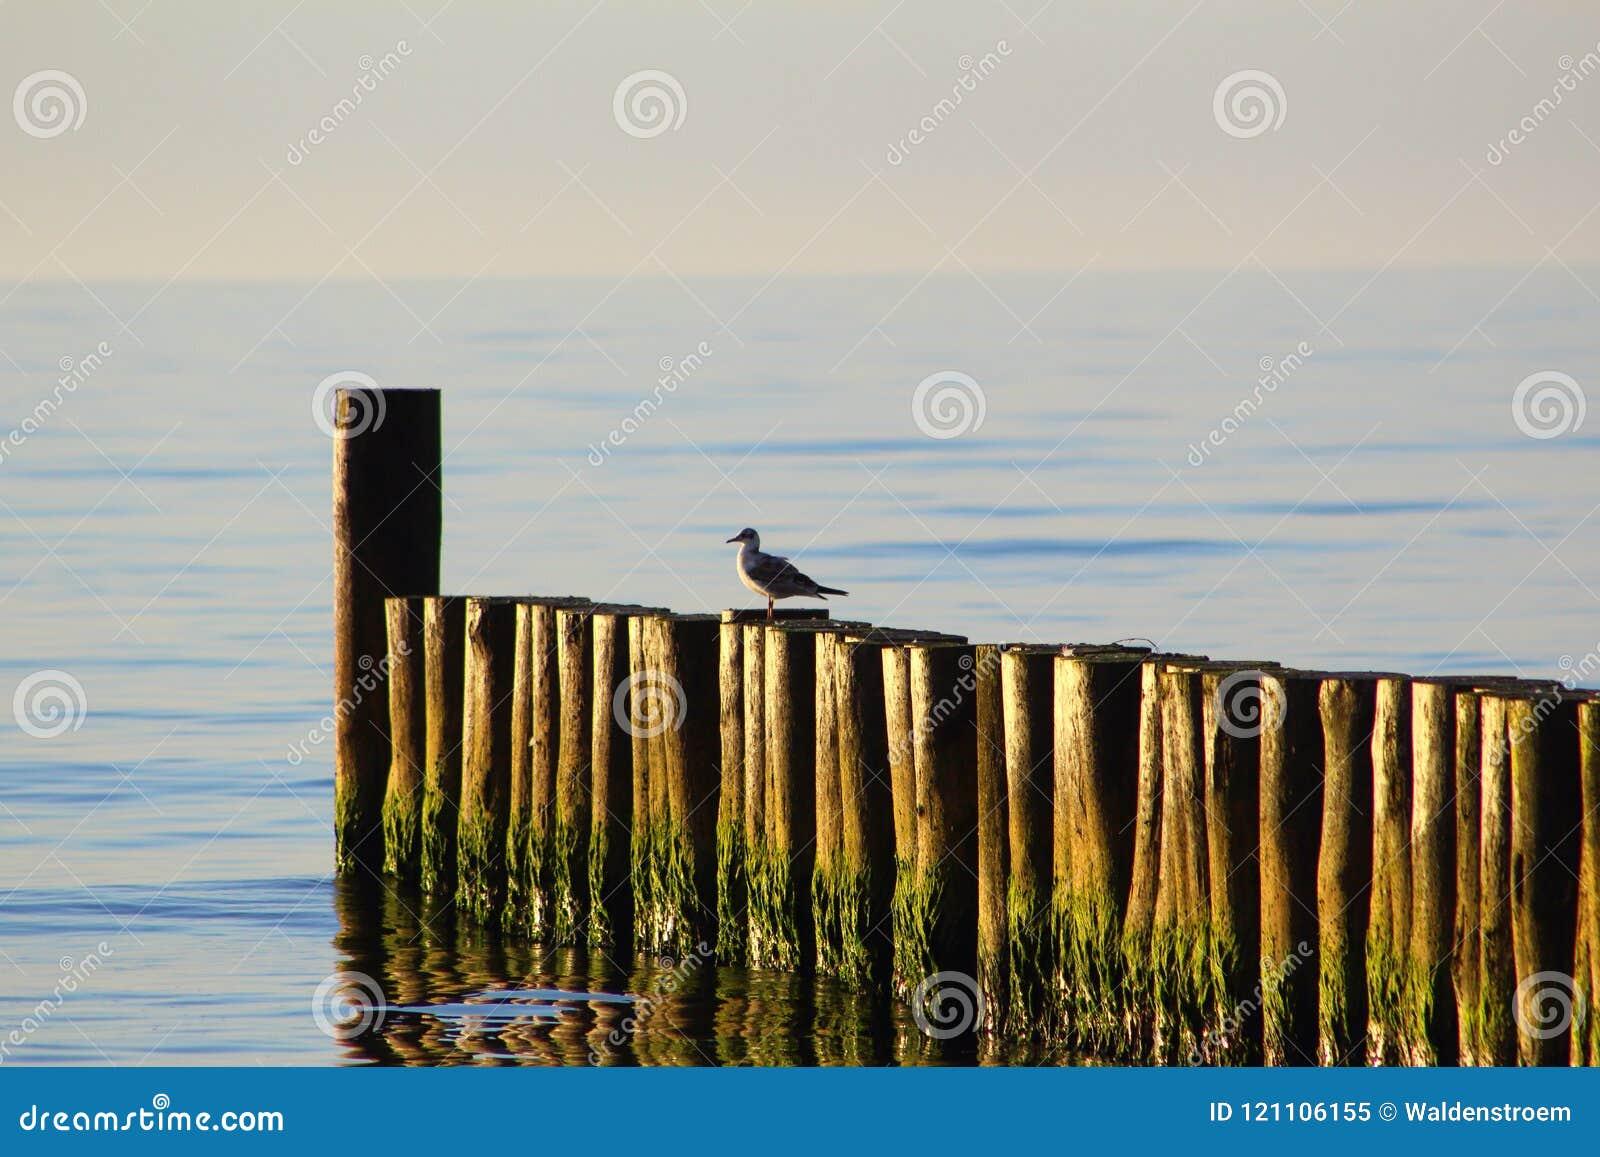 Pachwina przy przy morze bałtyckie plażą ustronia morskie, Poland w wieczór słońcu